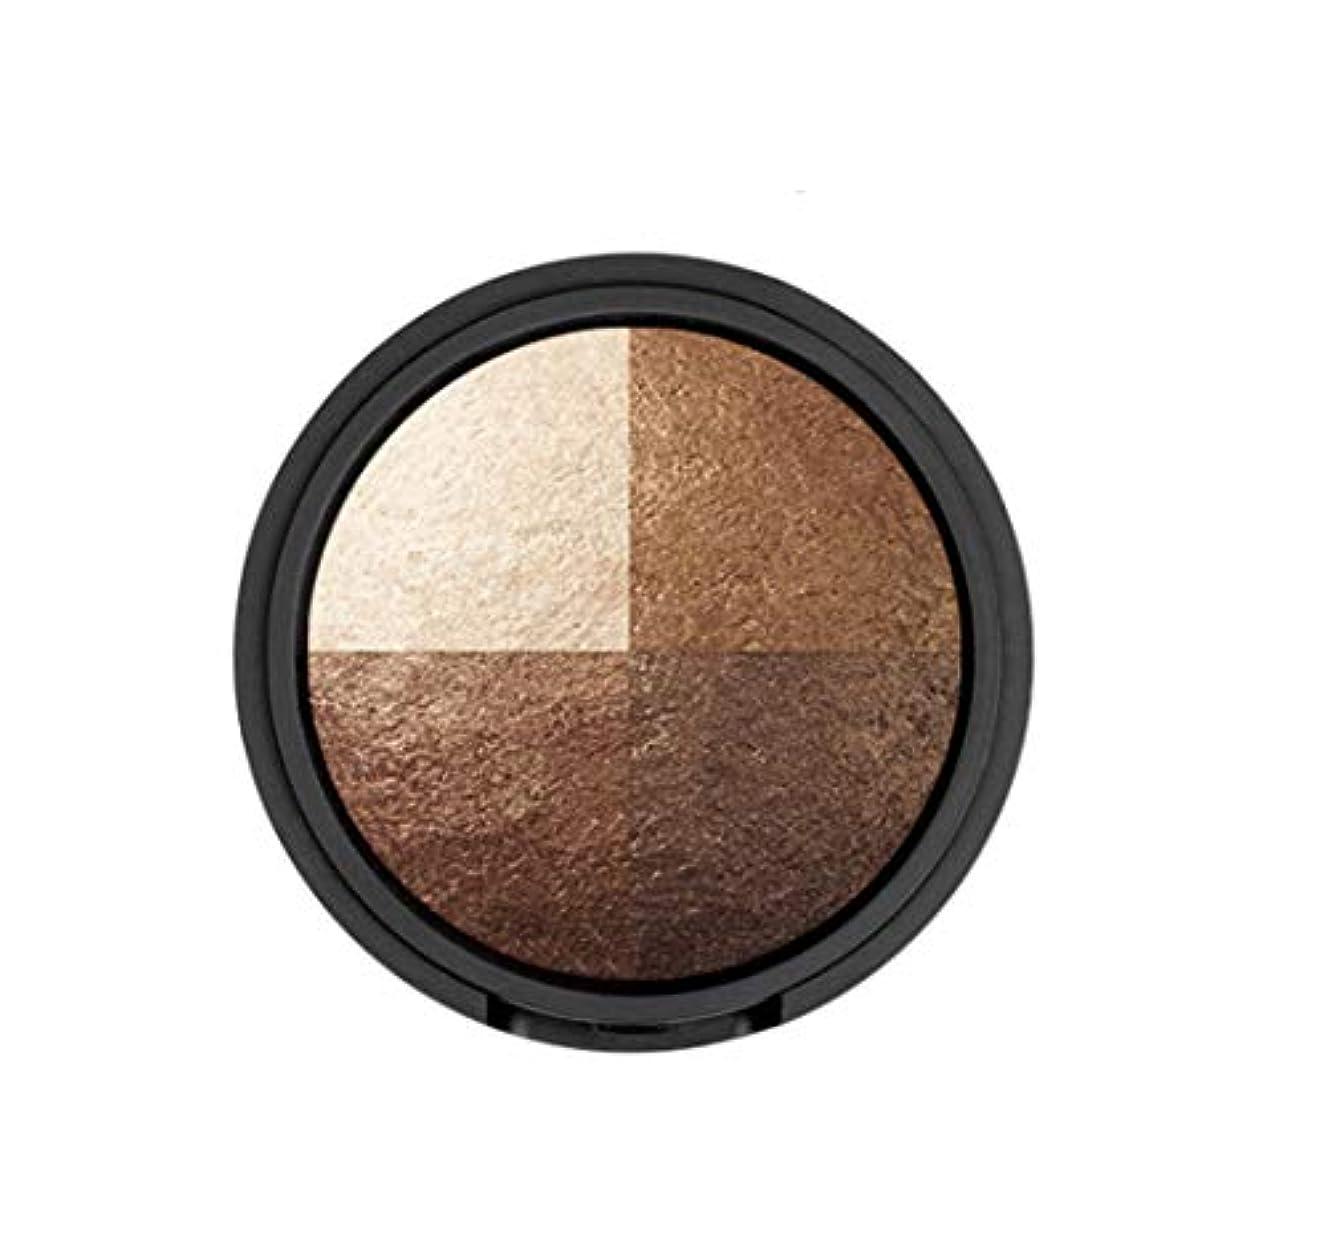 WAKEMAKE Eye Styler Eyeshadow 4色のアイシャドウパレット#7 REAL BROWN(並行輸入品)